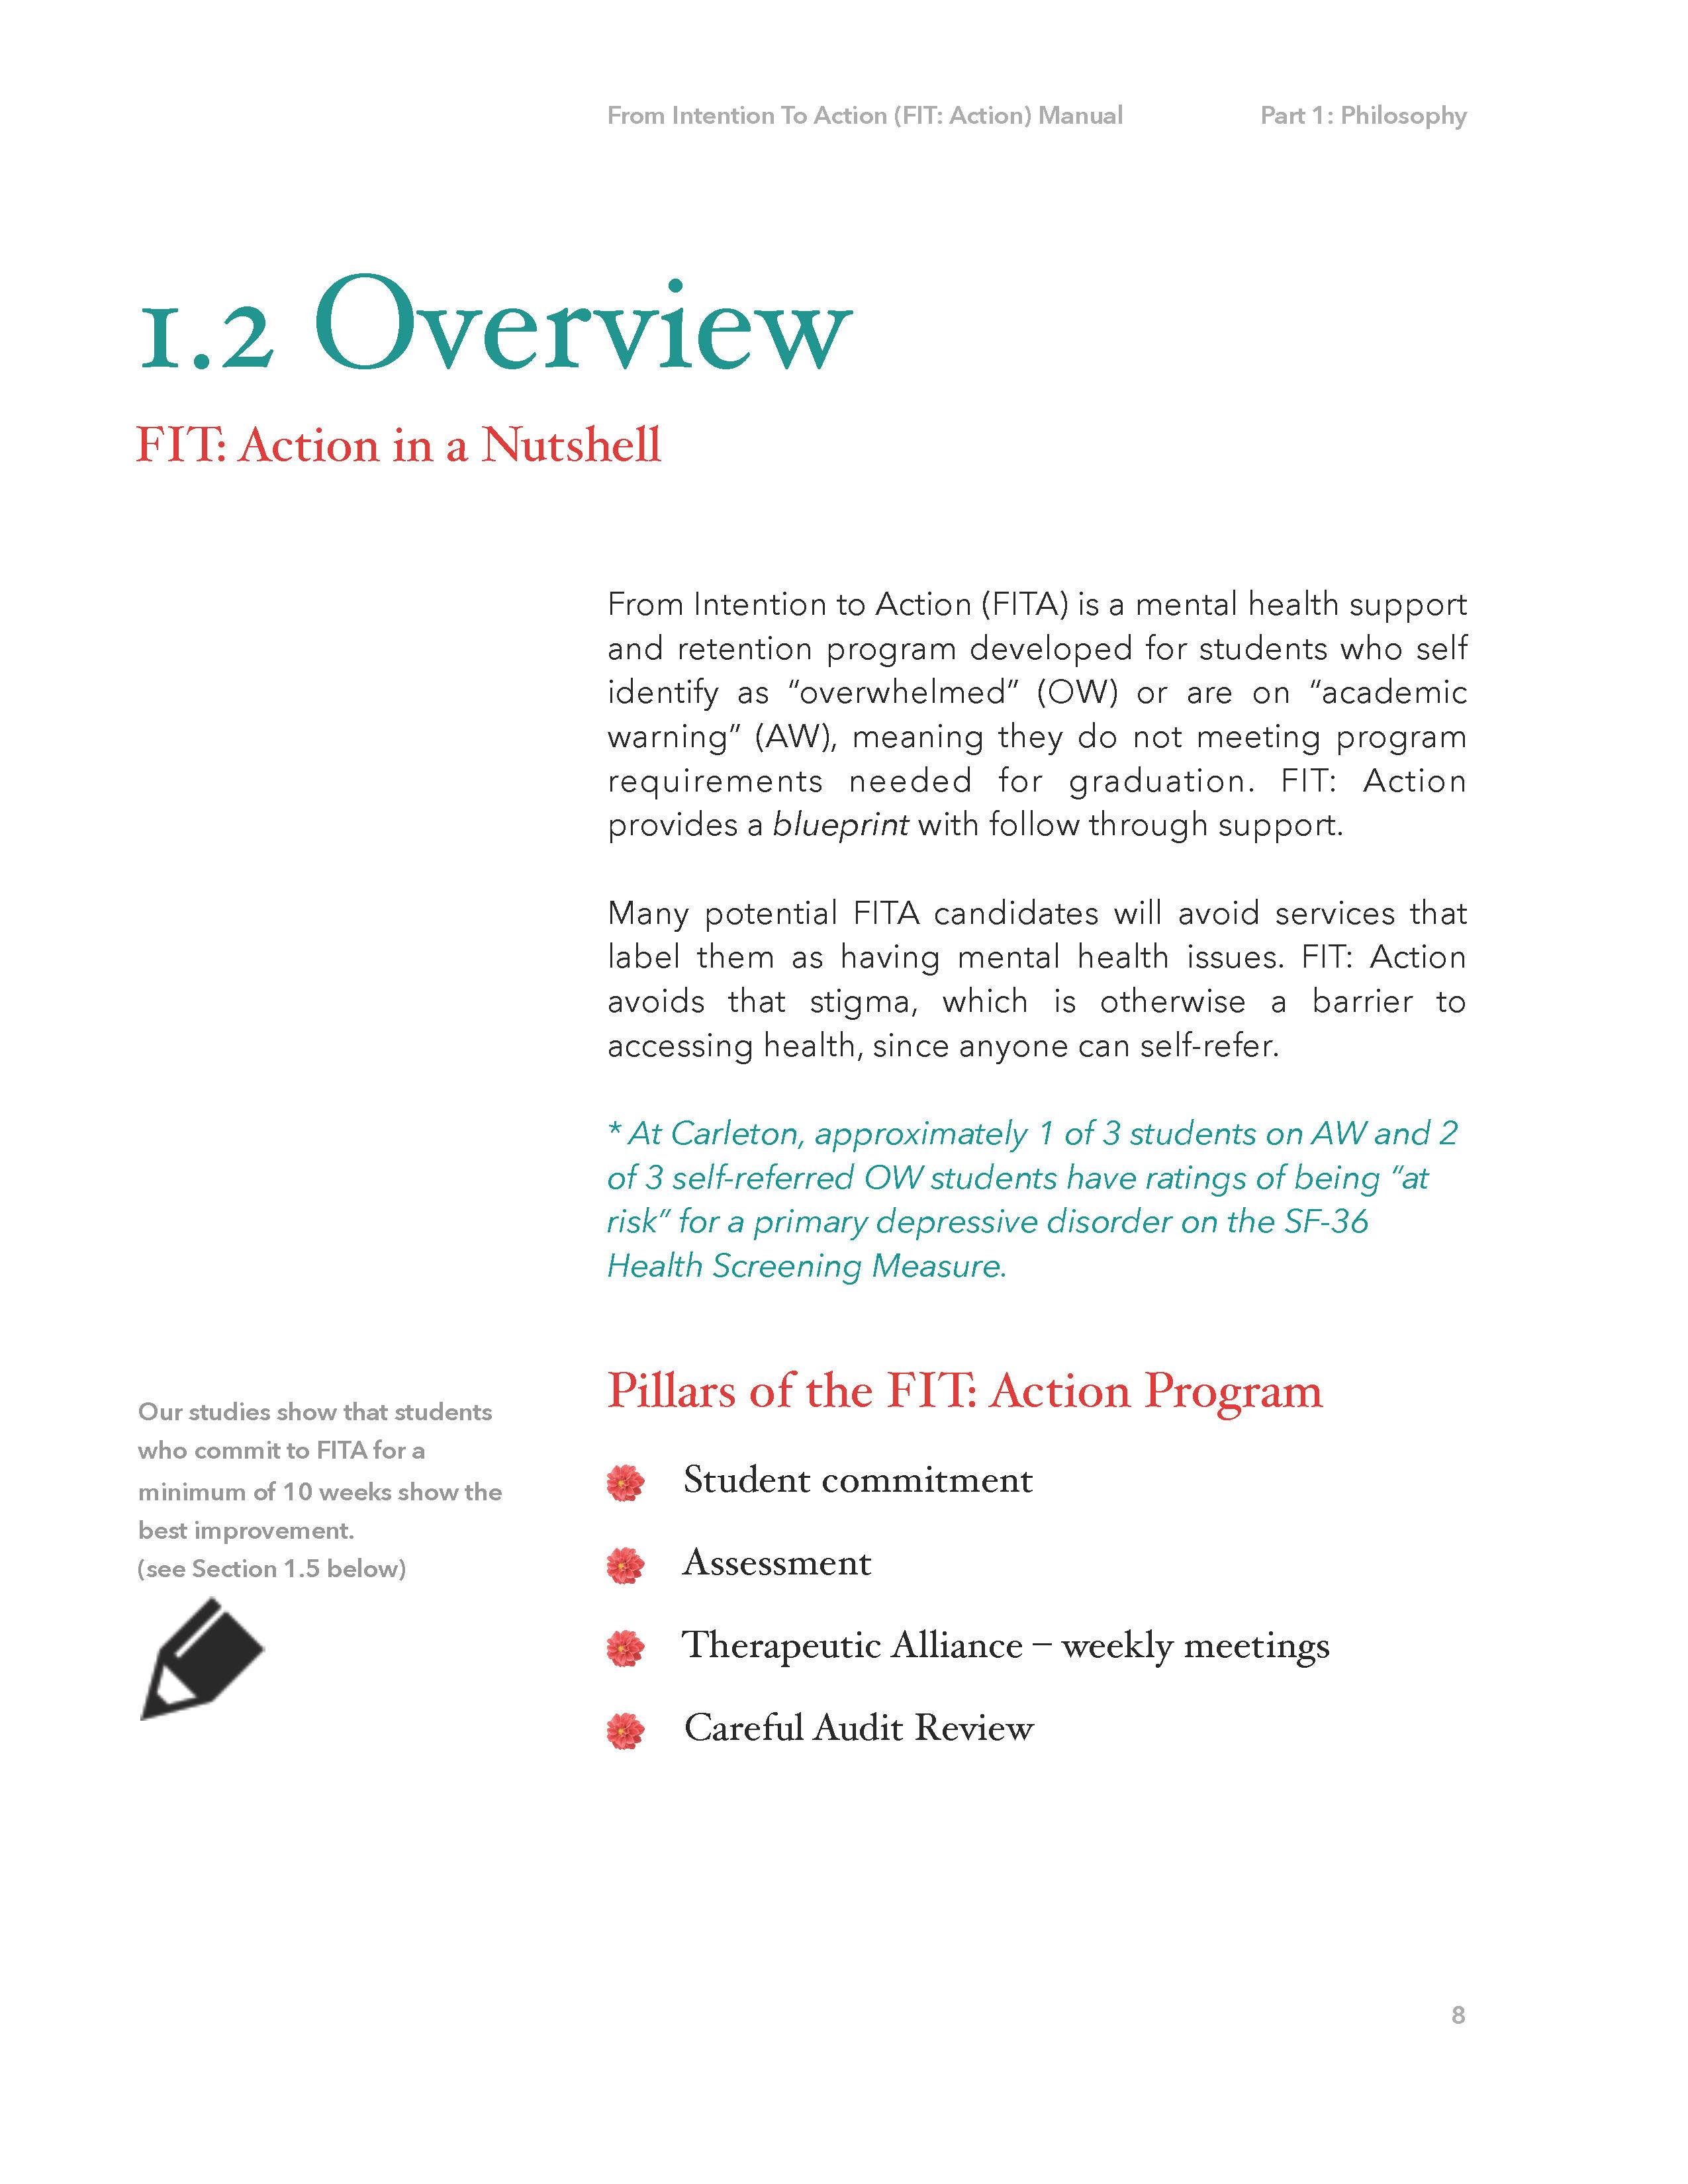 Design of training manual on behance malvernweather Choice Image